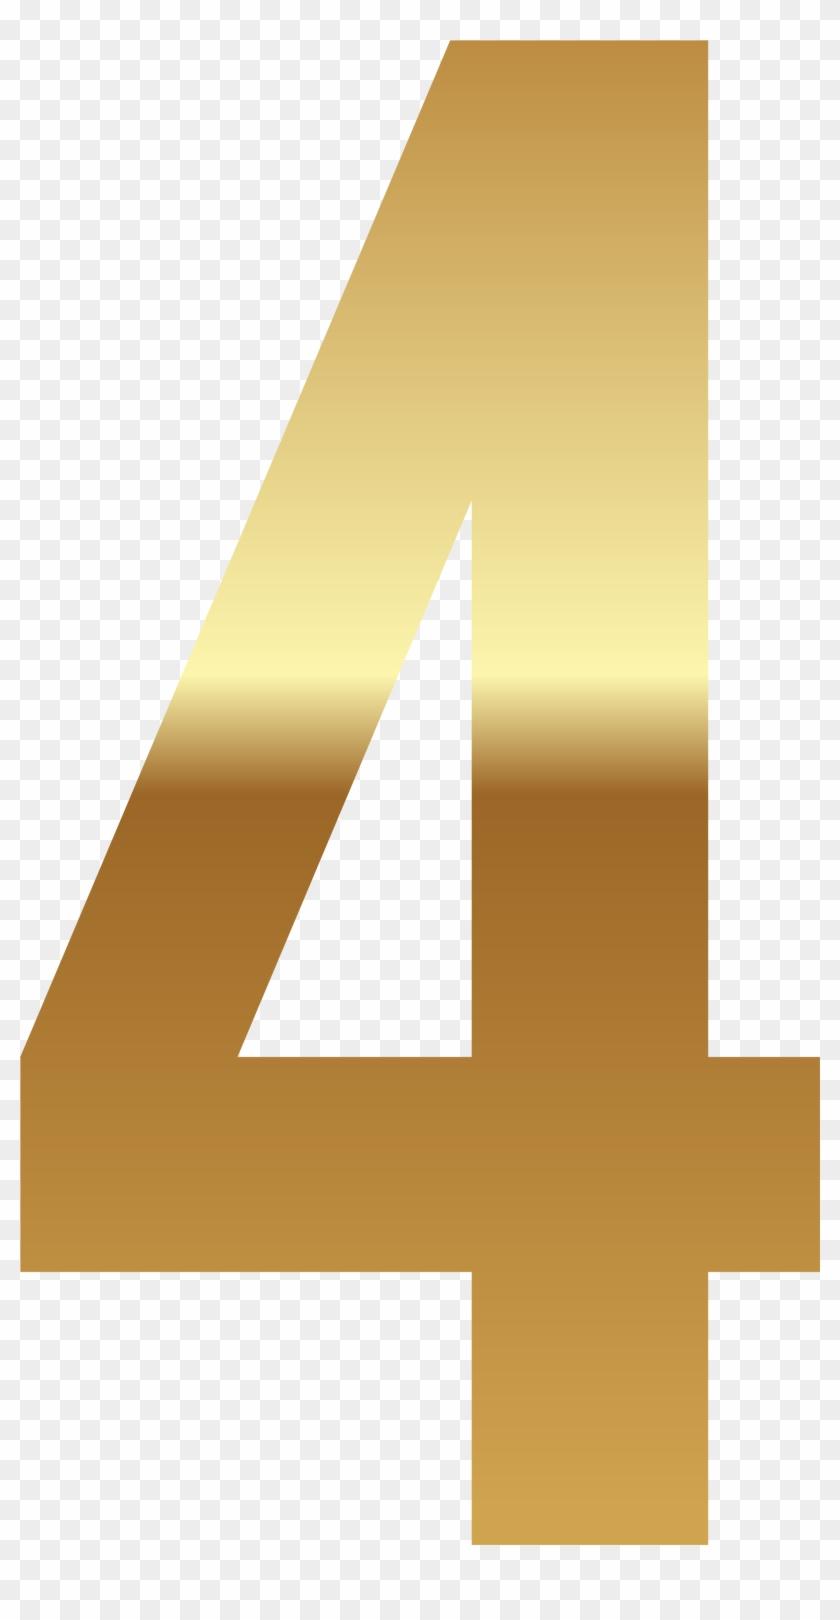 Golden Number Four Png Clipart Image - Golden Number 4 Png #1418472